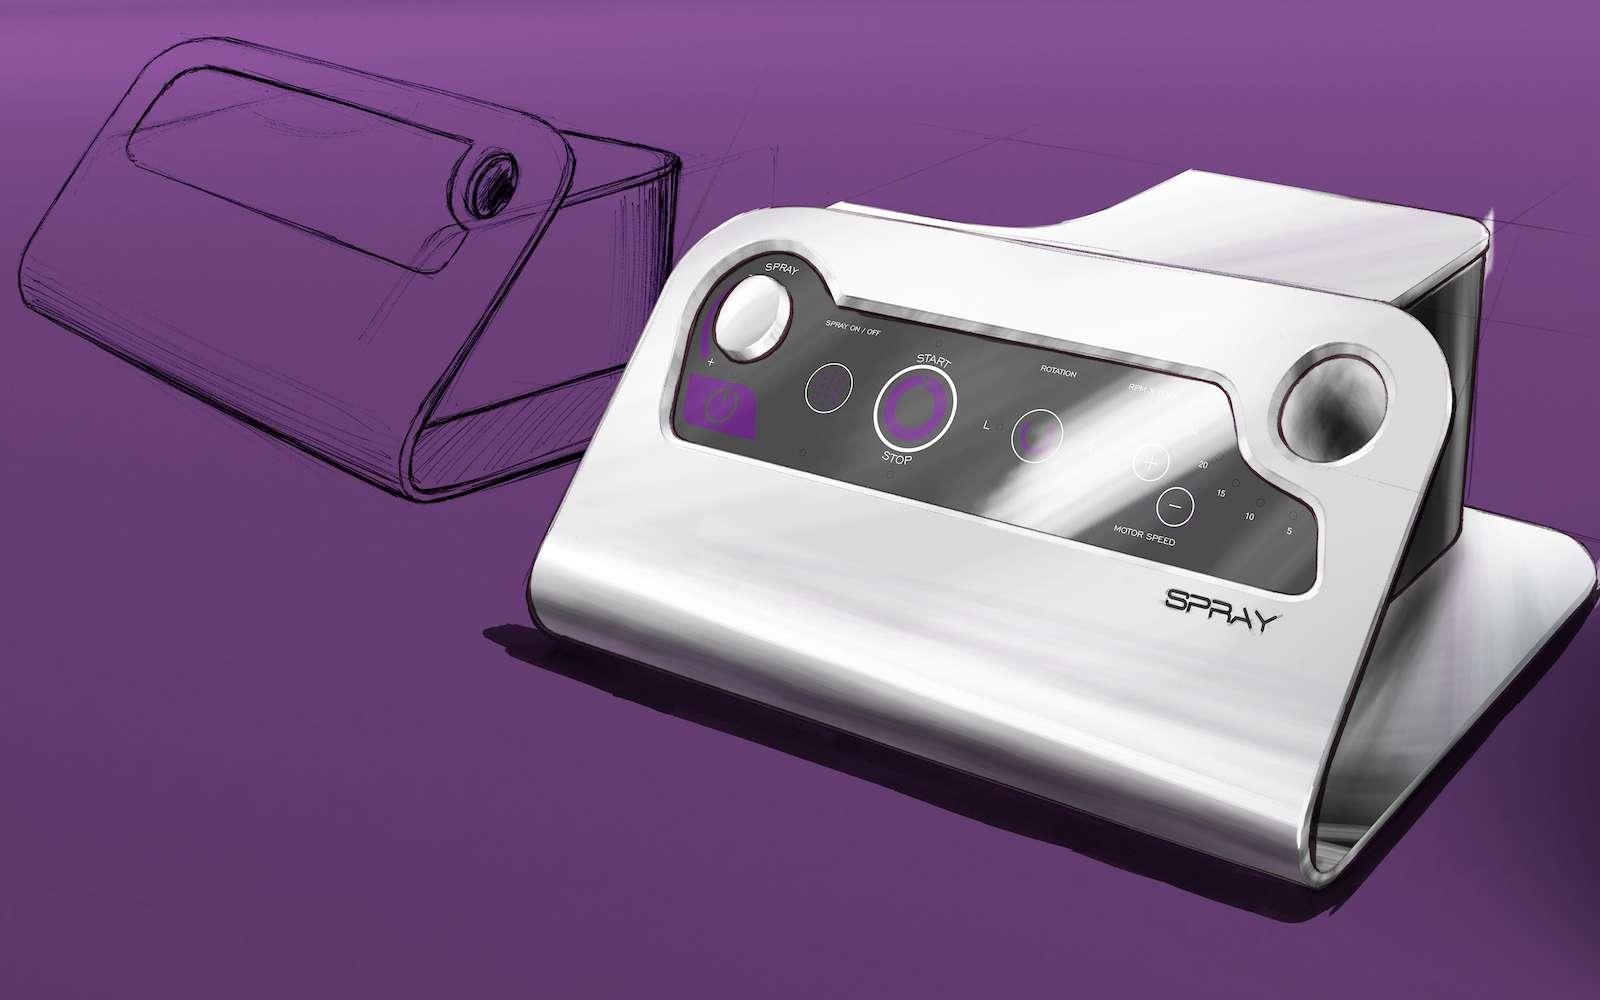 Ne jamais oublier le design et l'ergonomie au moment de créer son boîtier. © Revoluplast